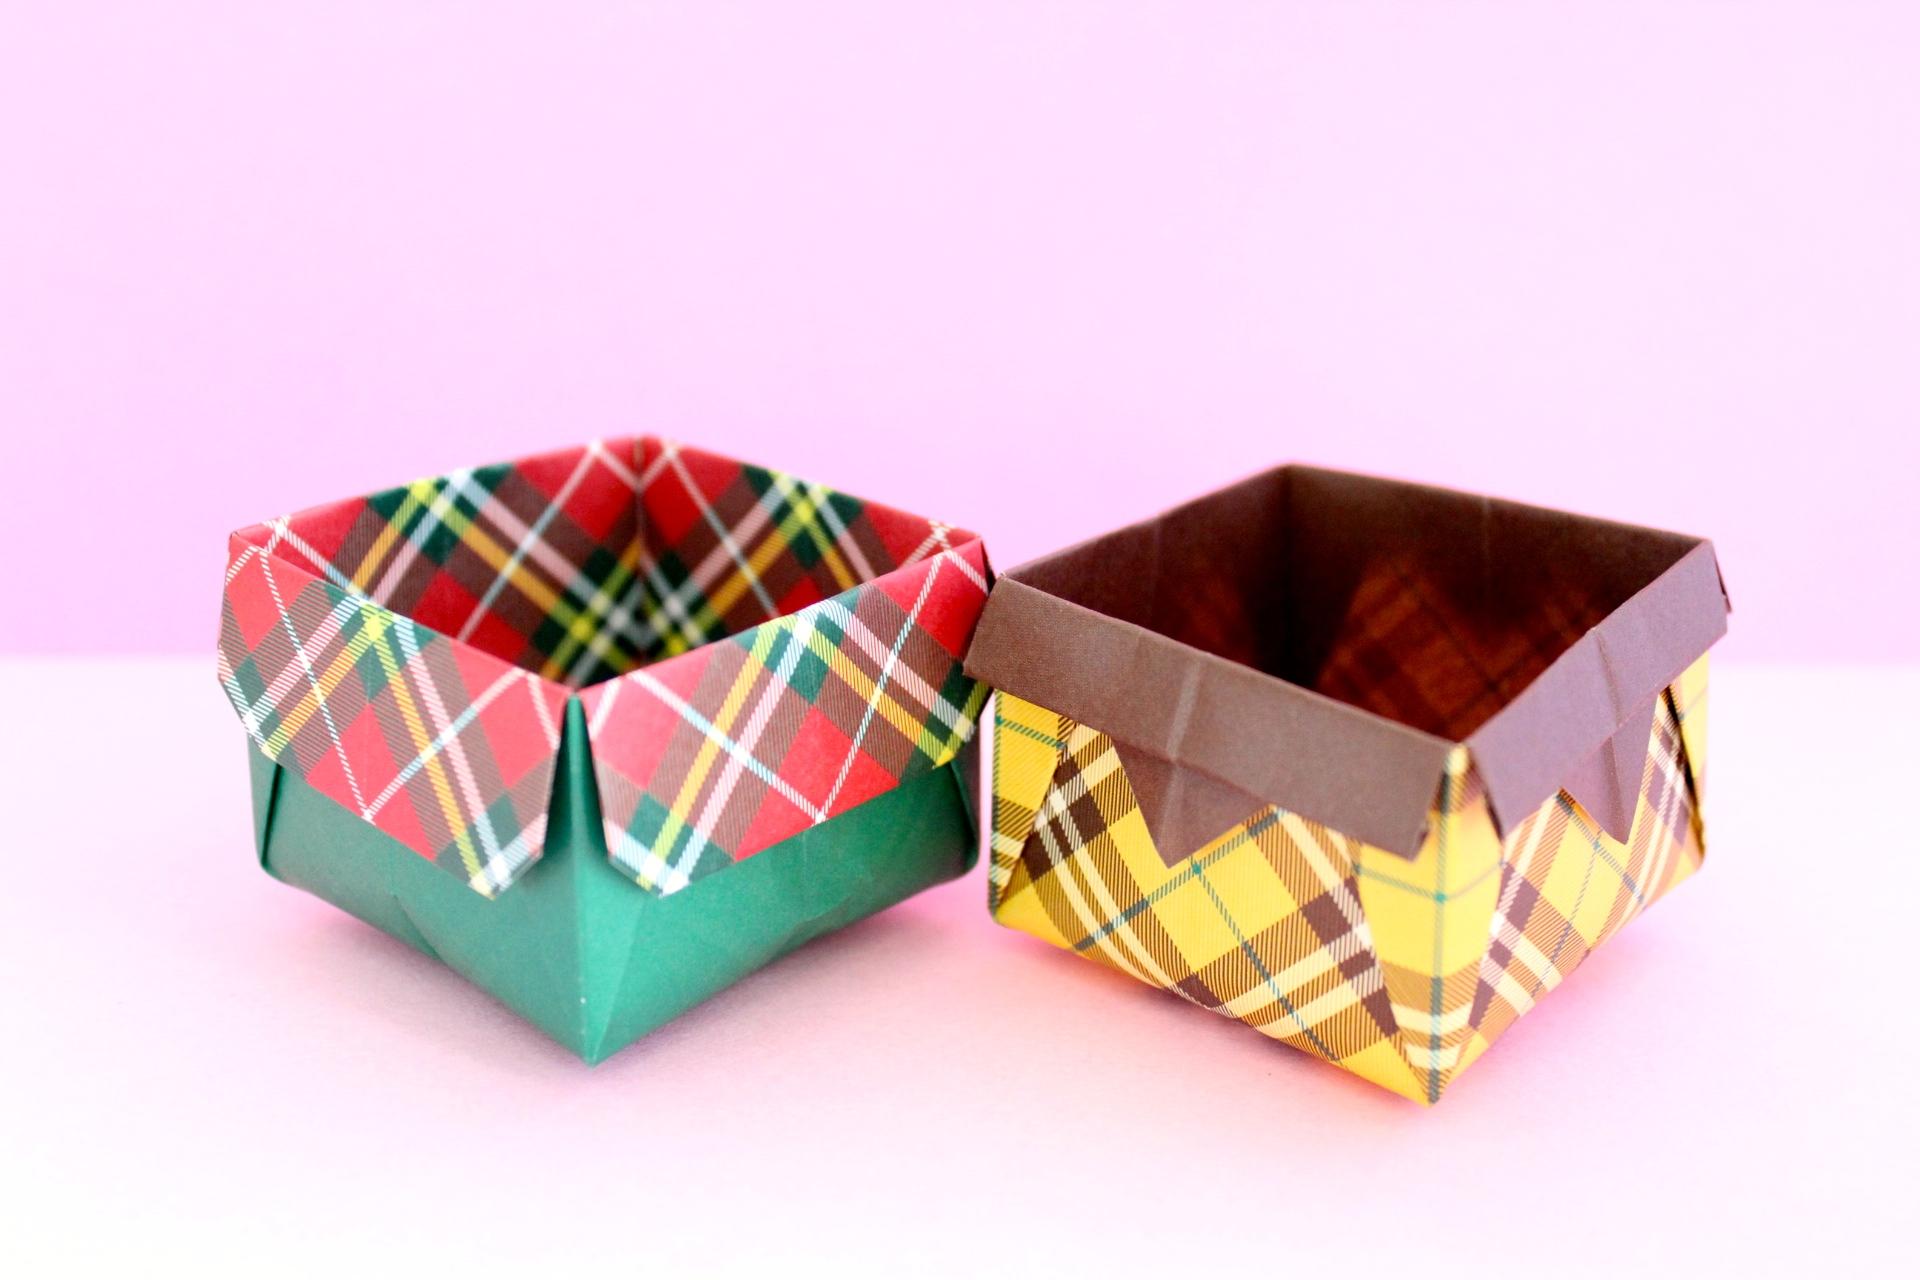 折り紙でオープンボックスの折り方